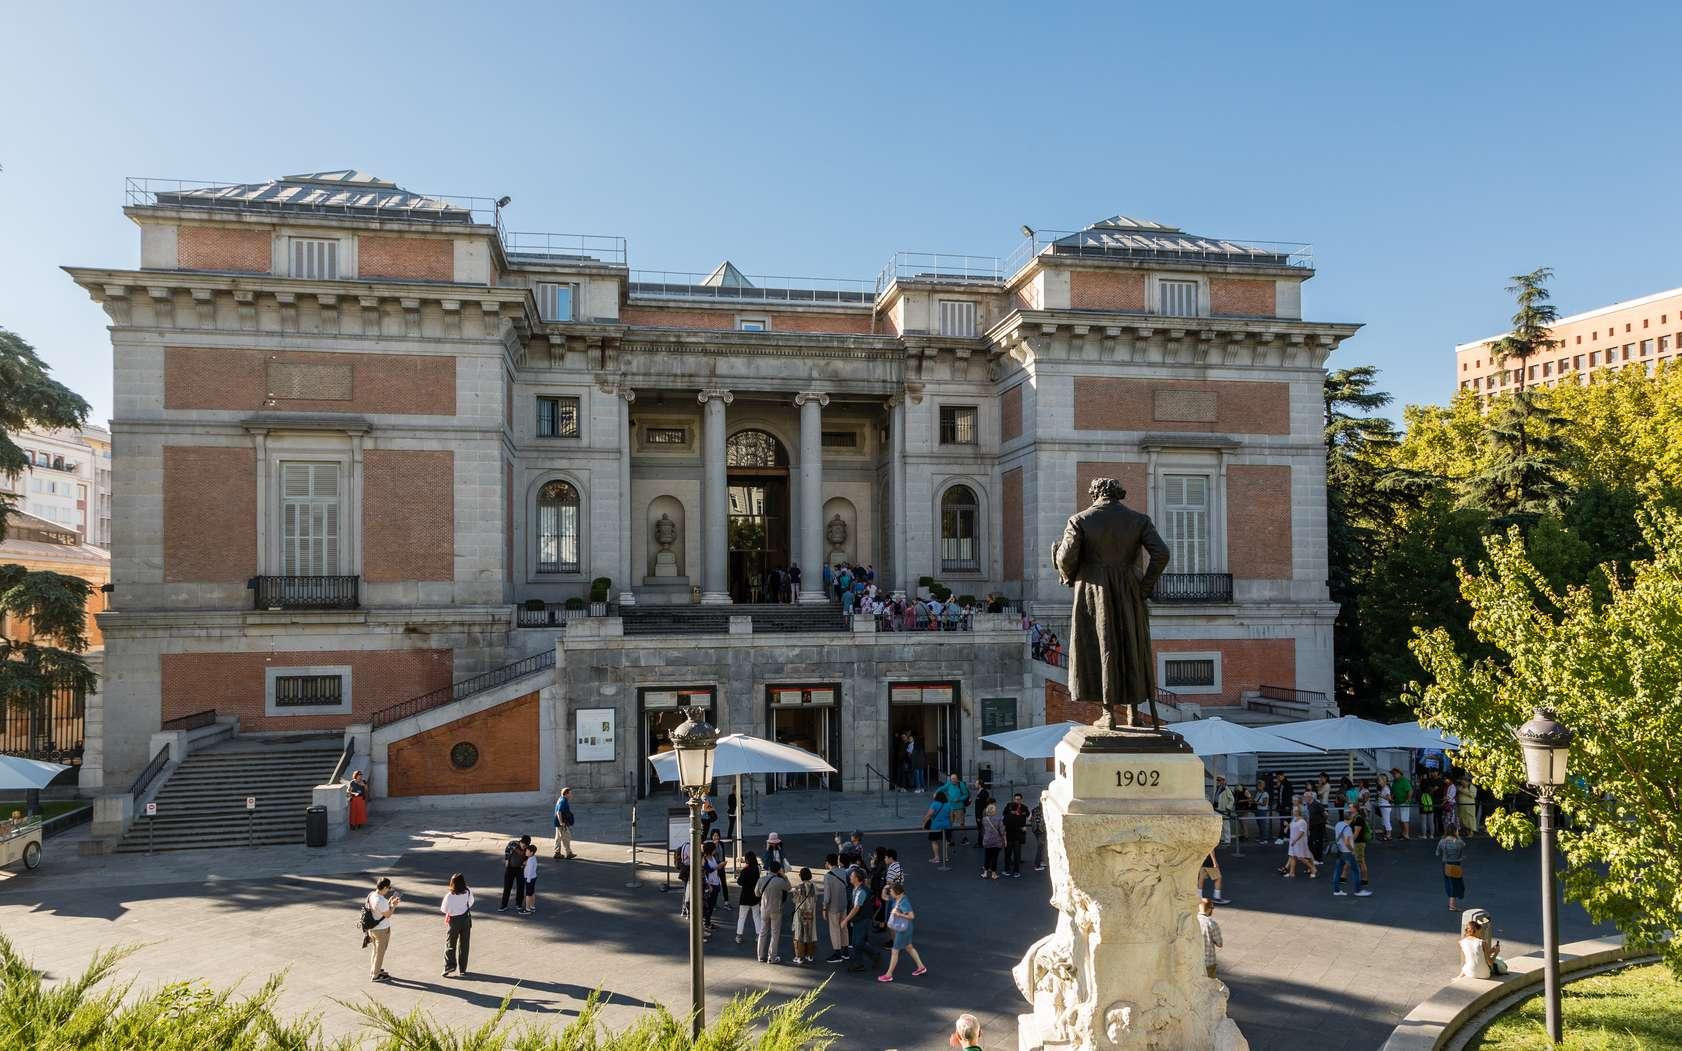 L'entrée du musée du Prado à Madrid. © josevgluis, fotolia